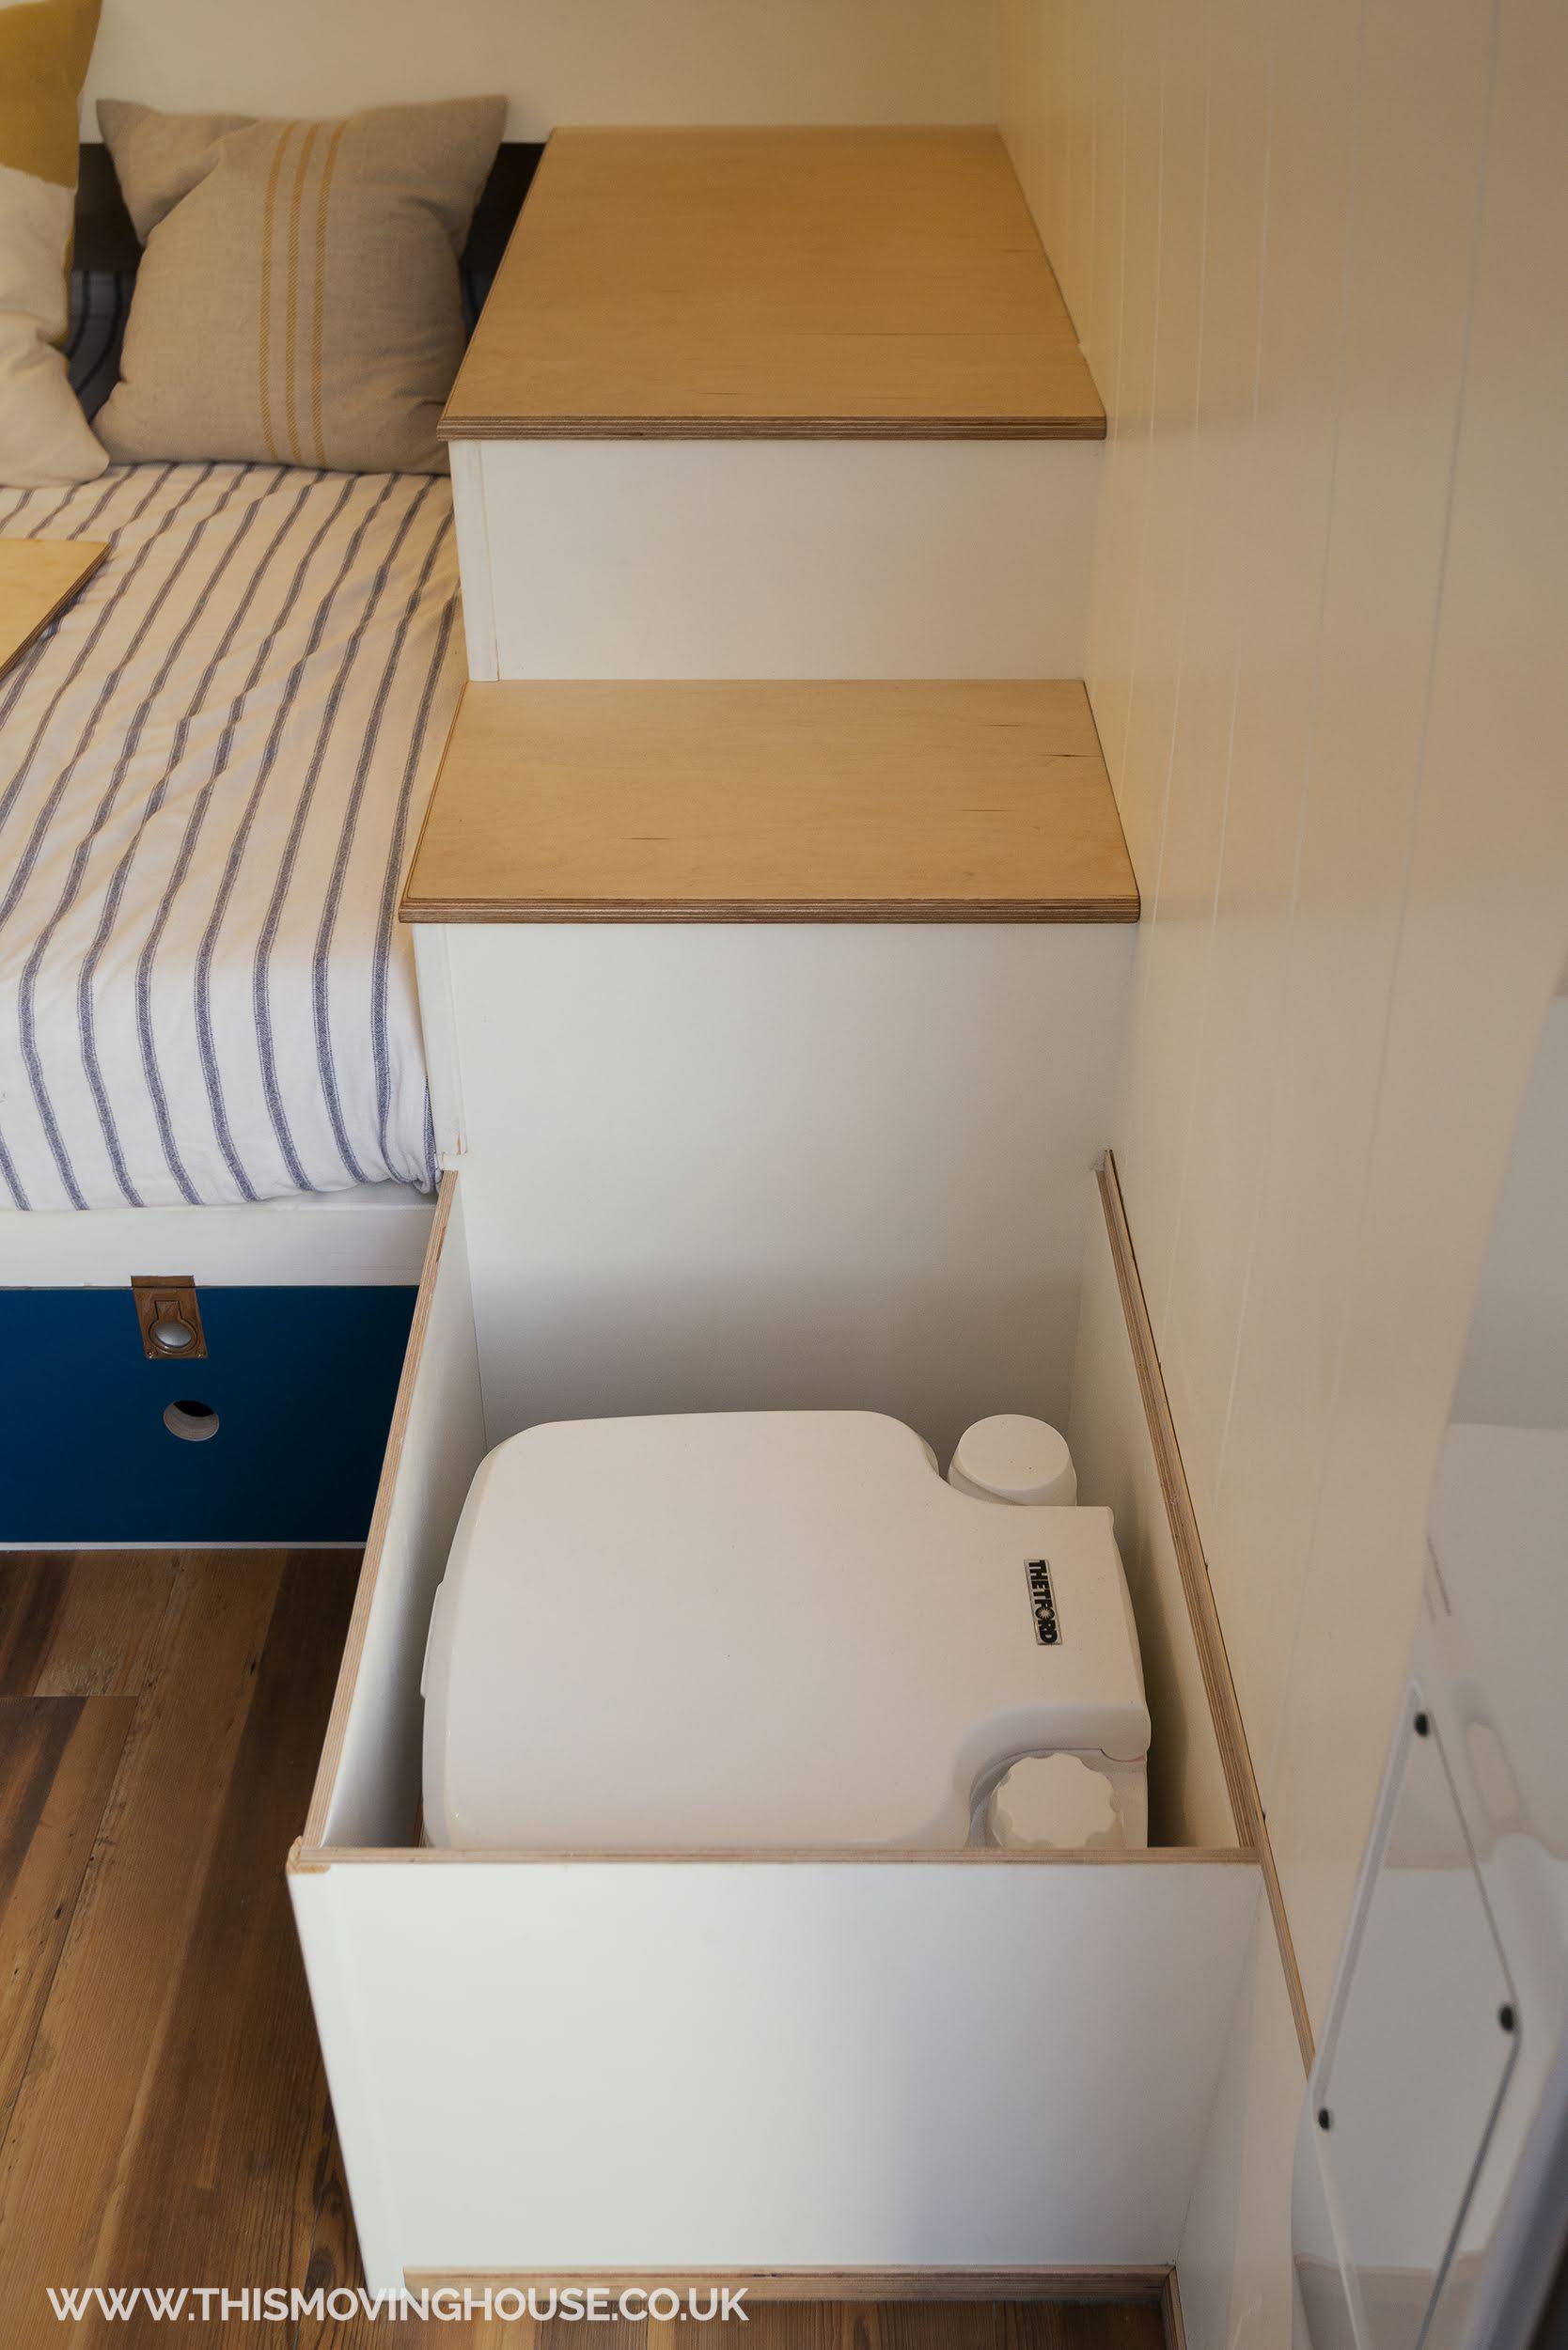 stowed toilet in a camper van toilet